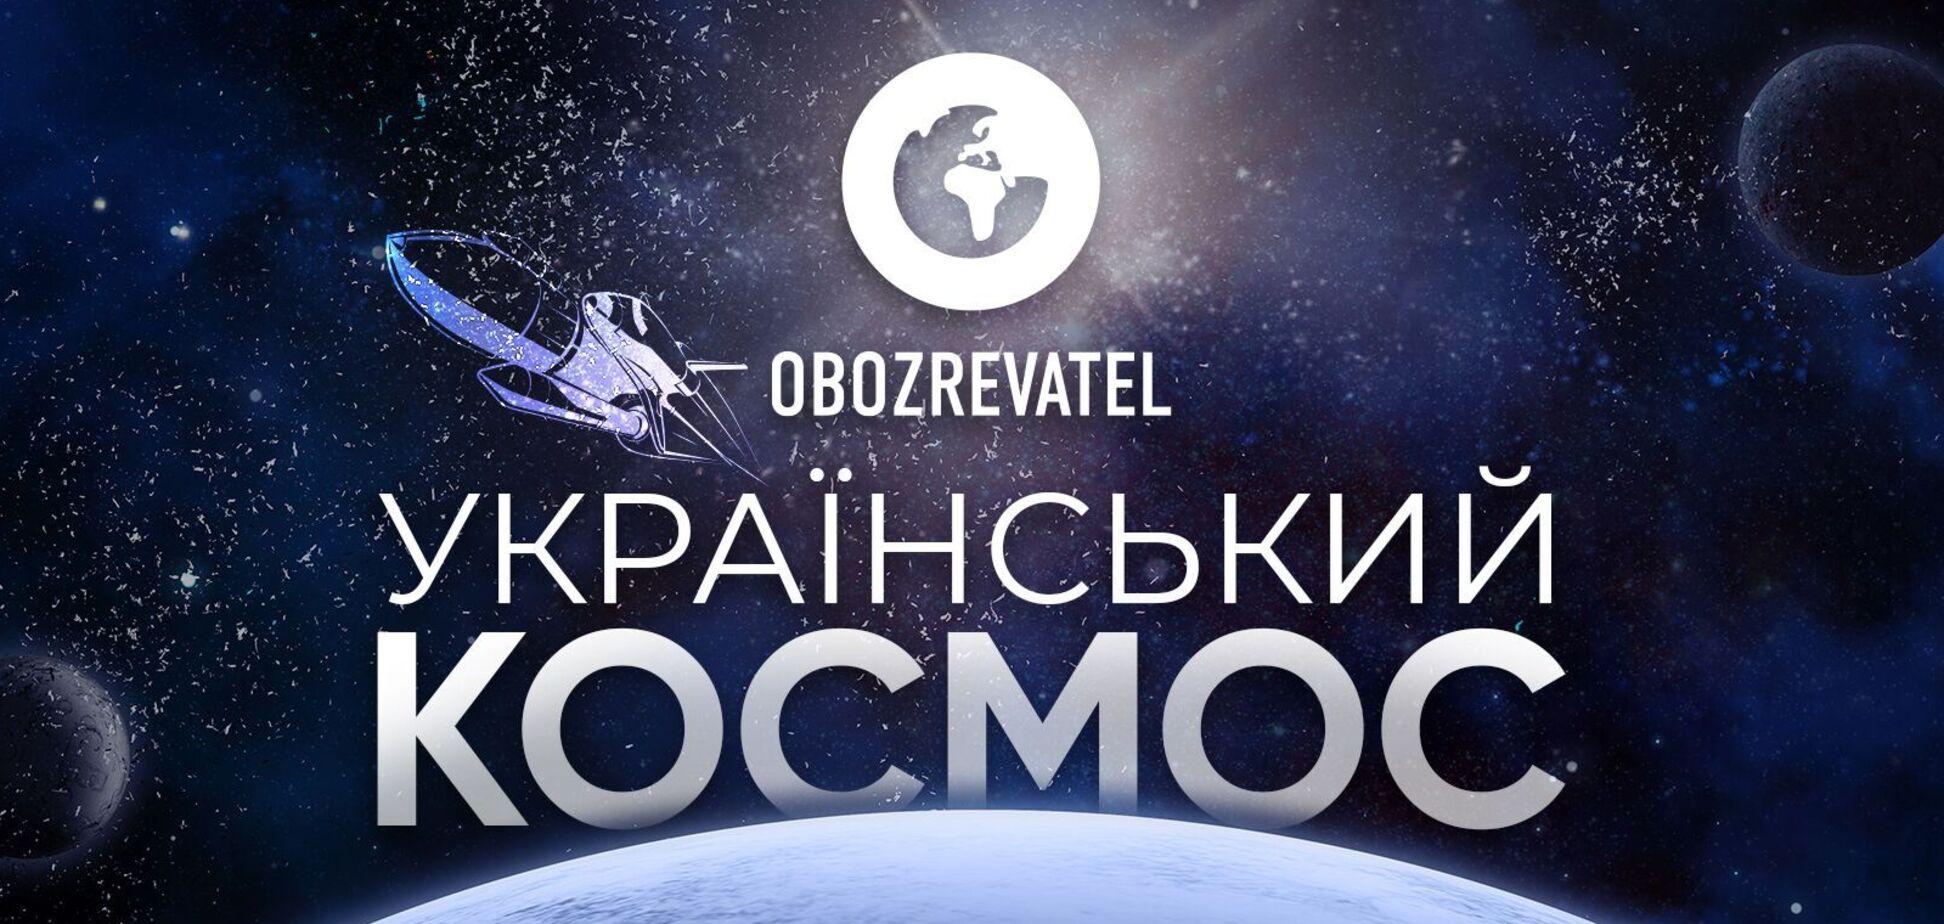 Чи входить ще Україна в елітарний клуб космічних держав? Ексклюзив: екскурсія на 'Південмаш'